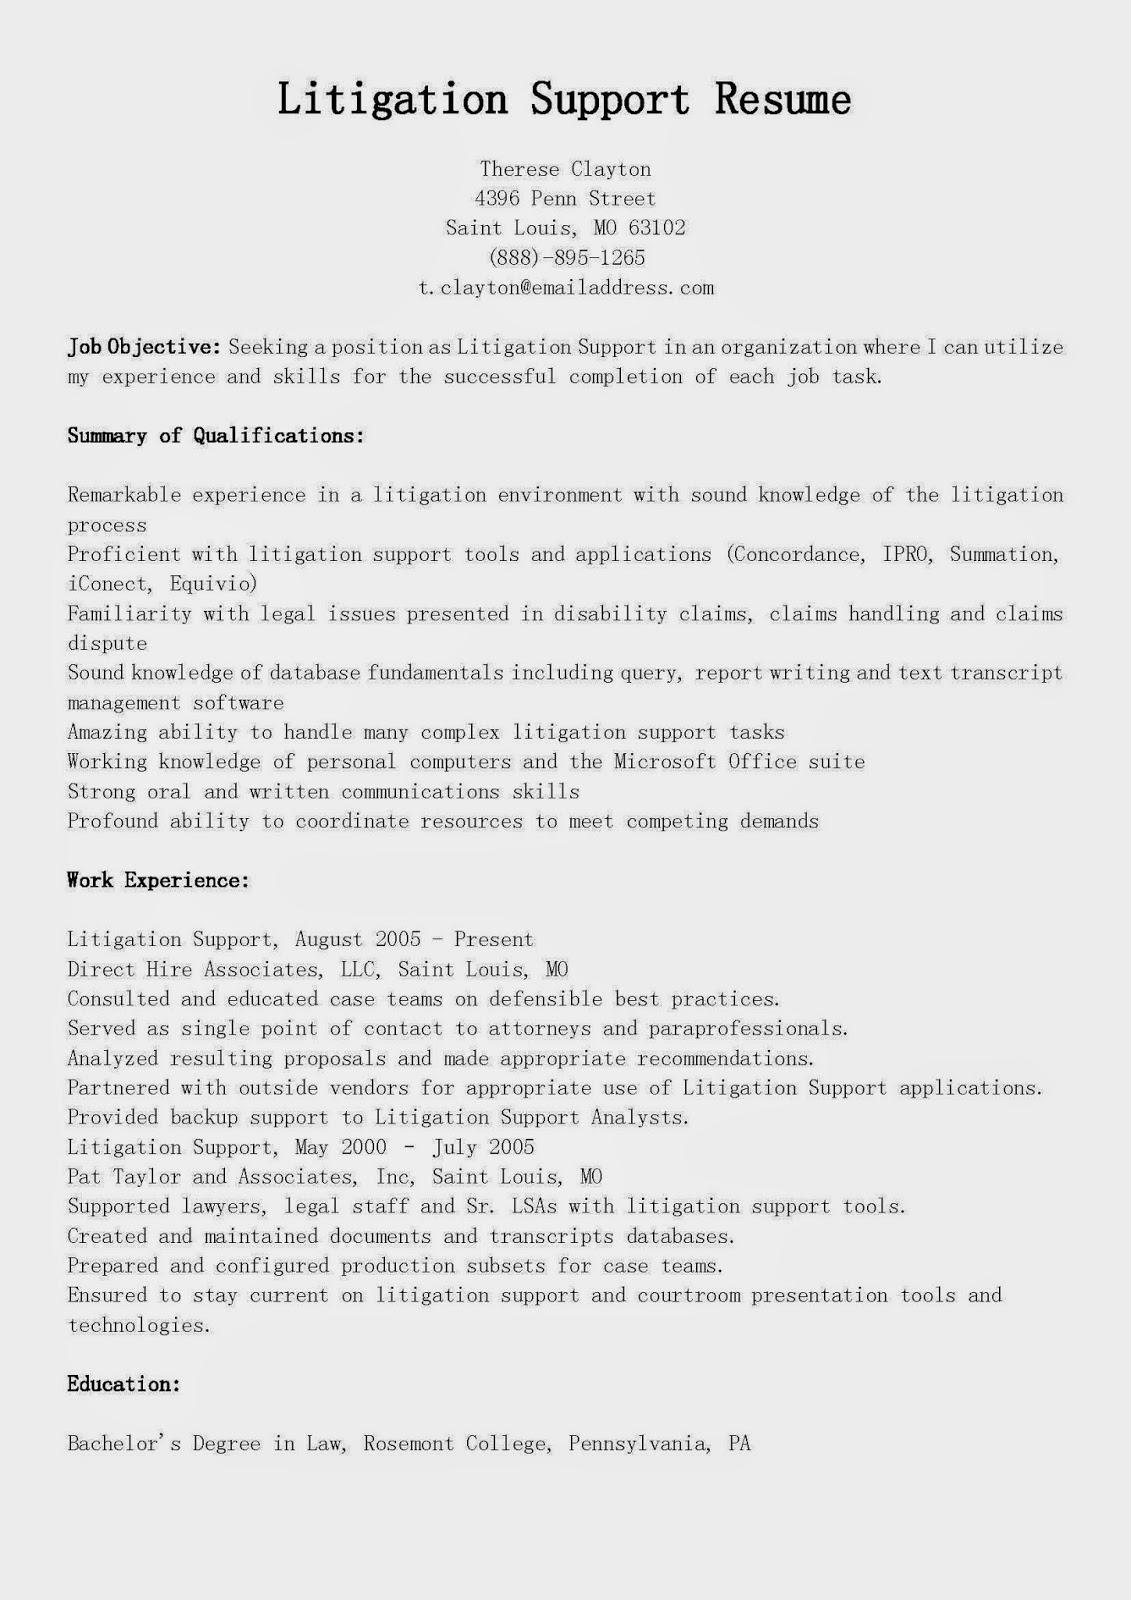 resume samples  litigation support resume sample